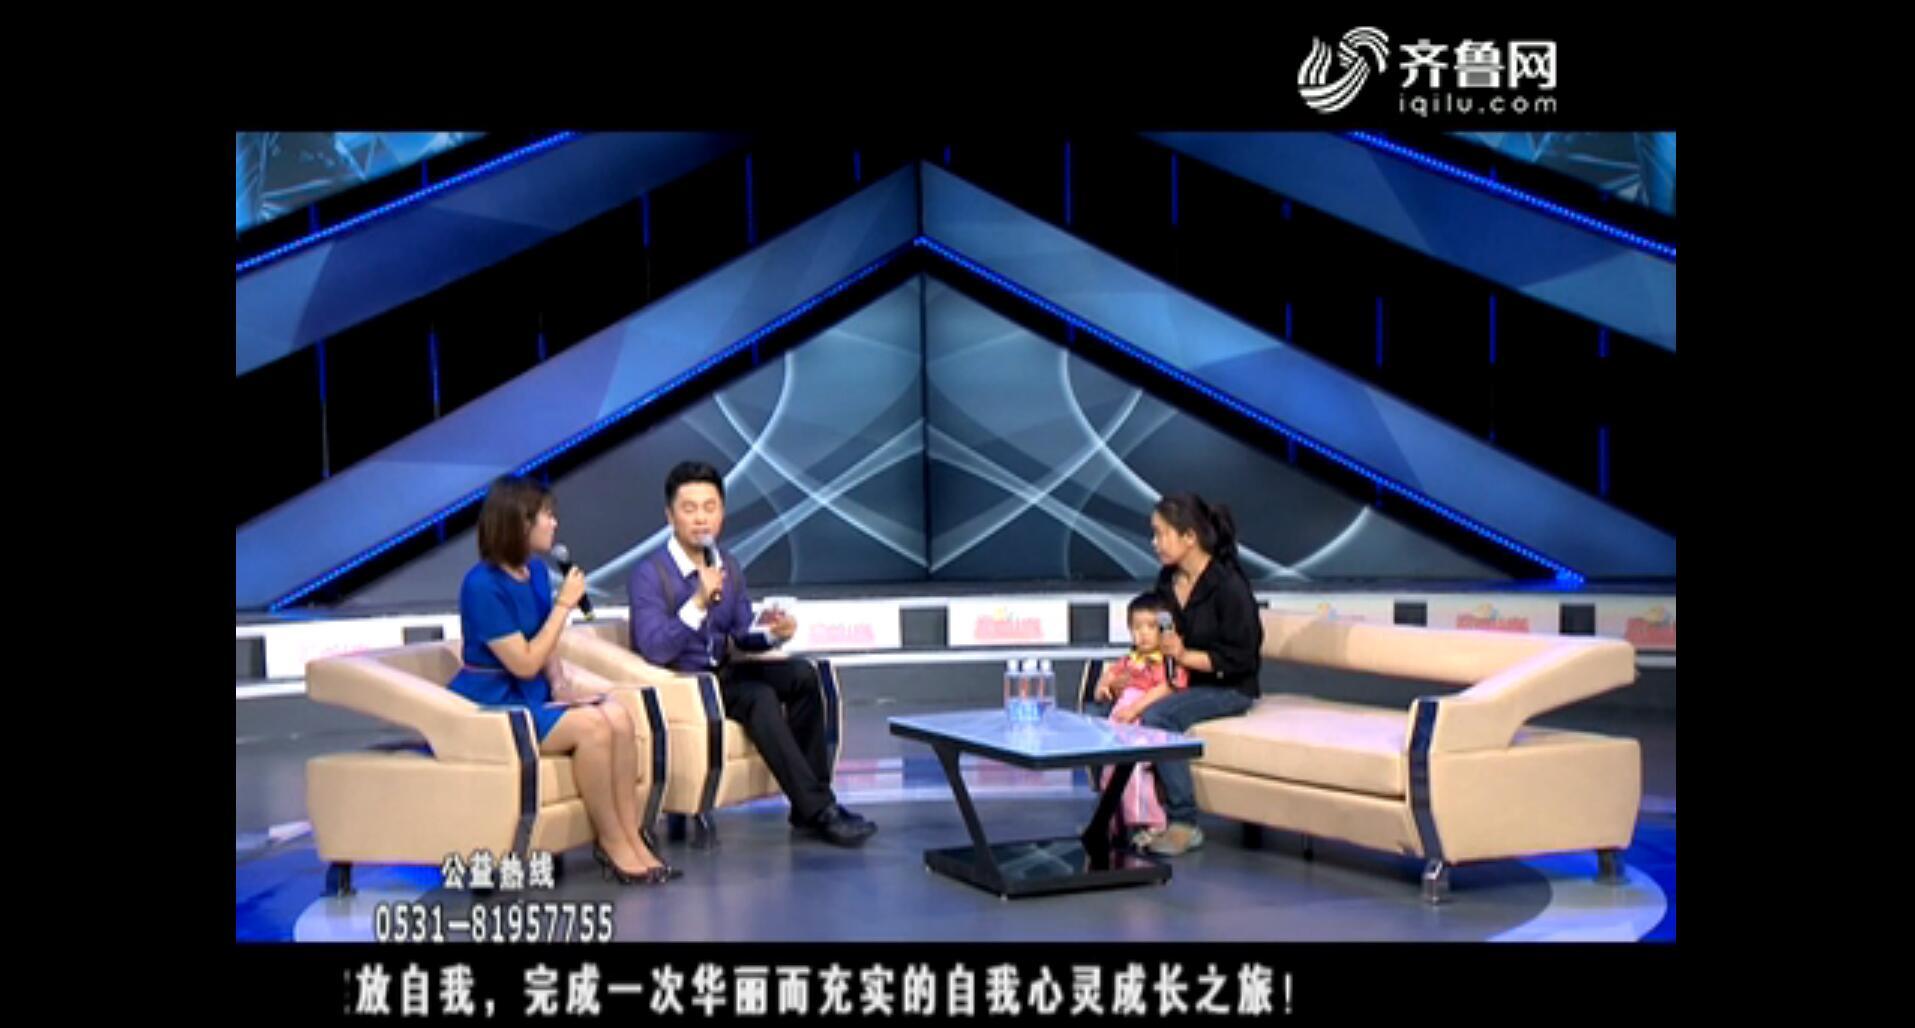 公益山东:白血病少年缺营养 顿顿吃青菜